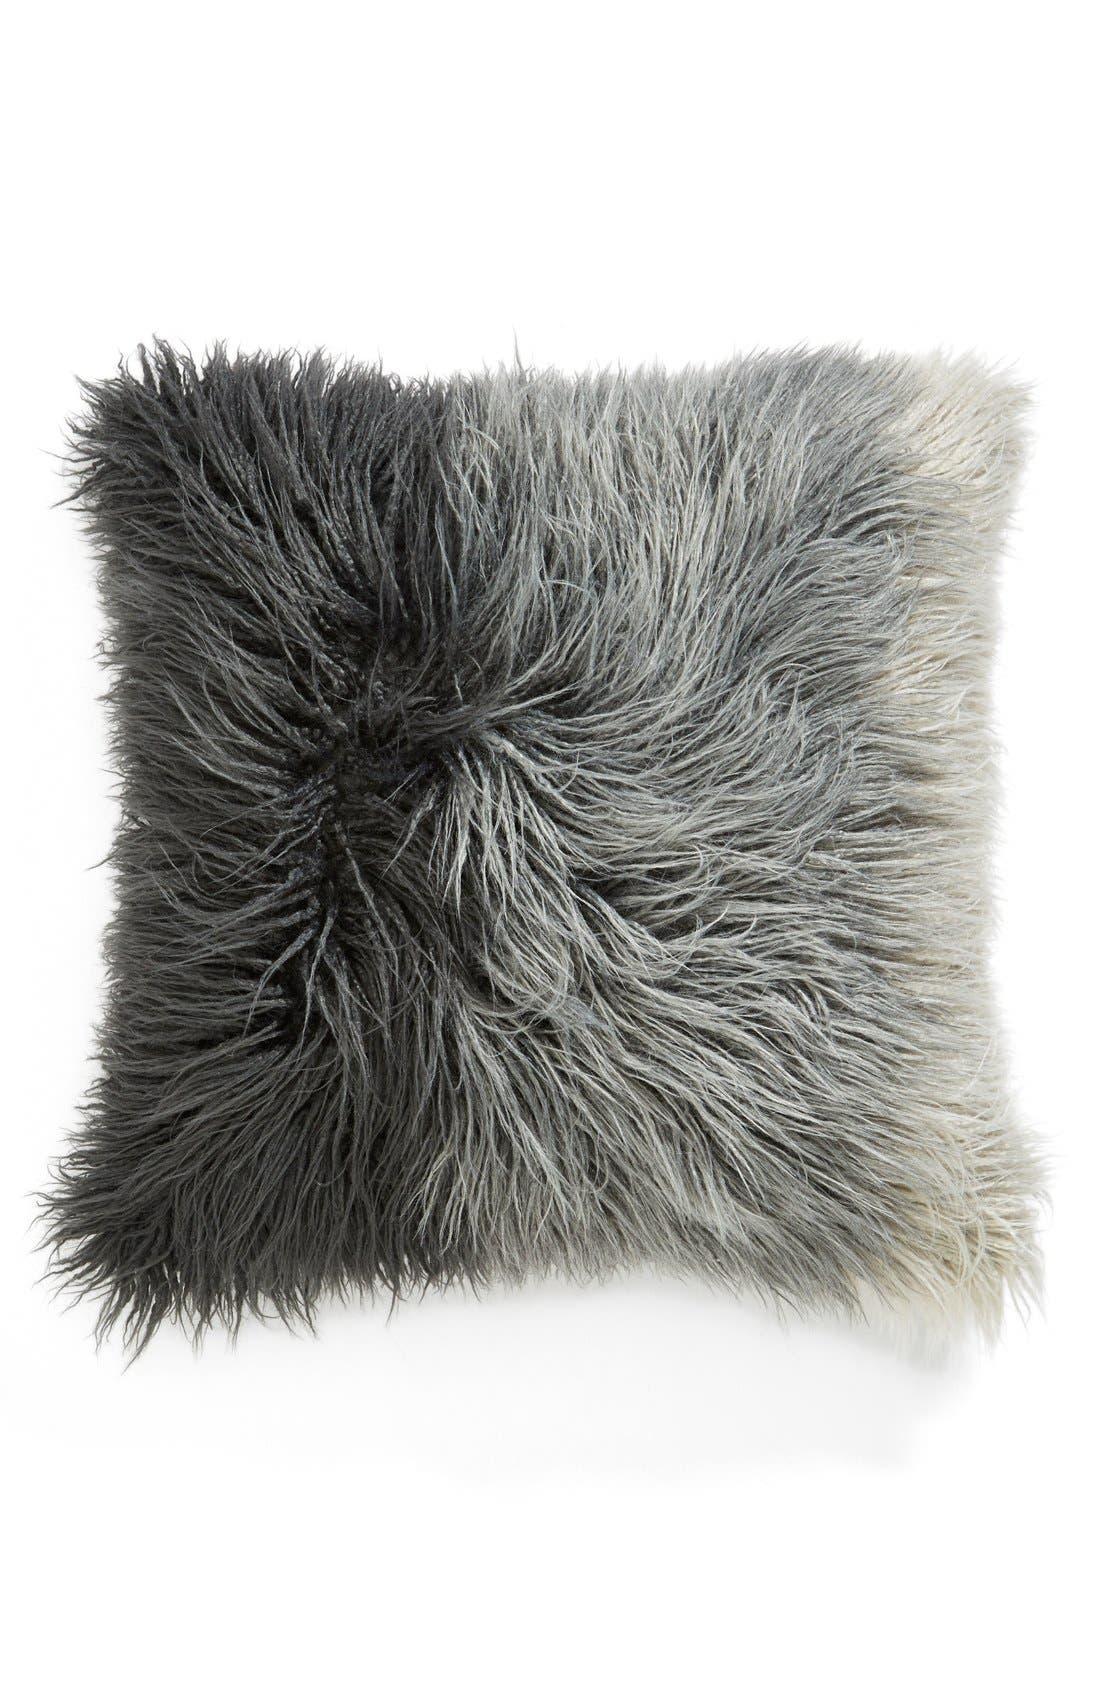 Ombré Faux Fur Flokati Accent Pillow,                         Main,                         color,